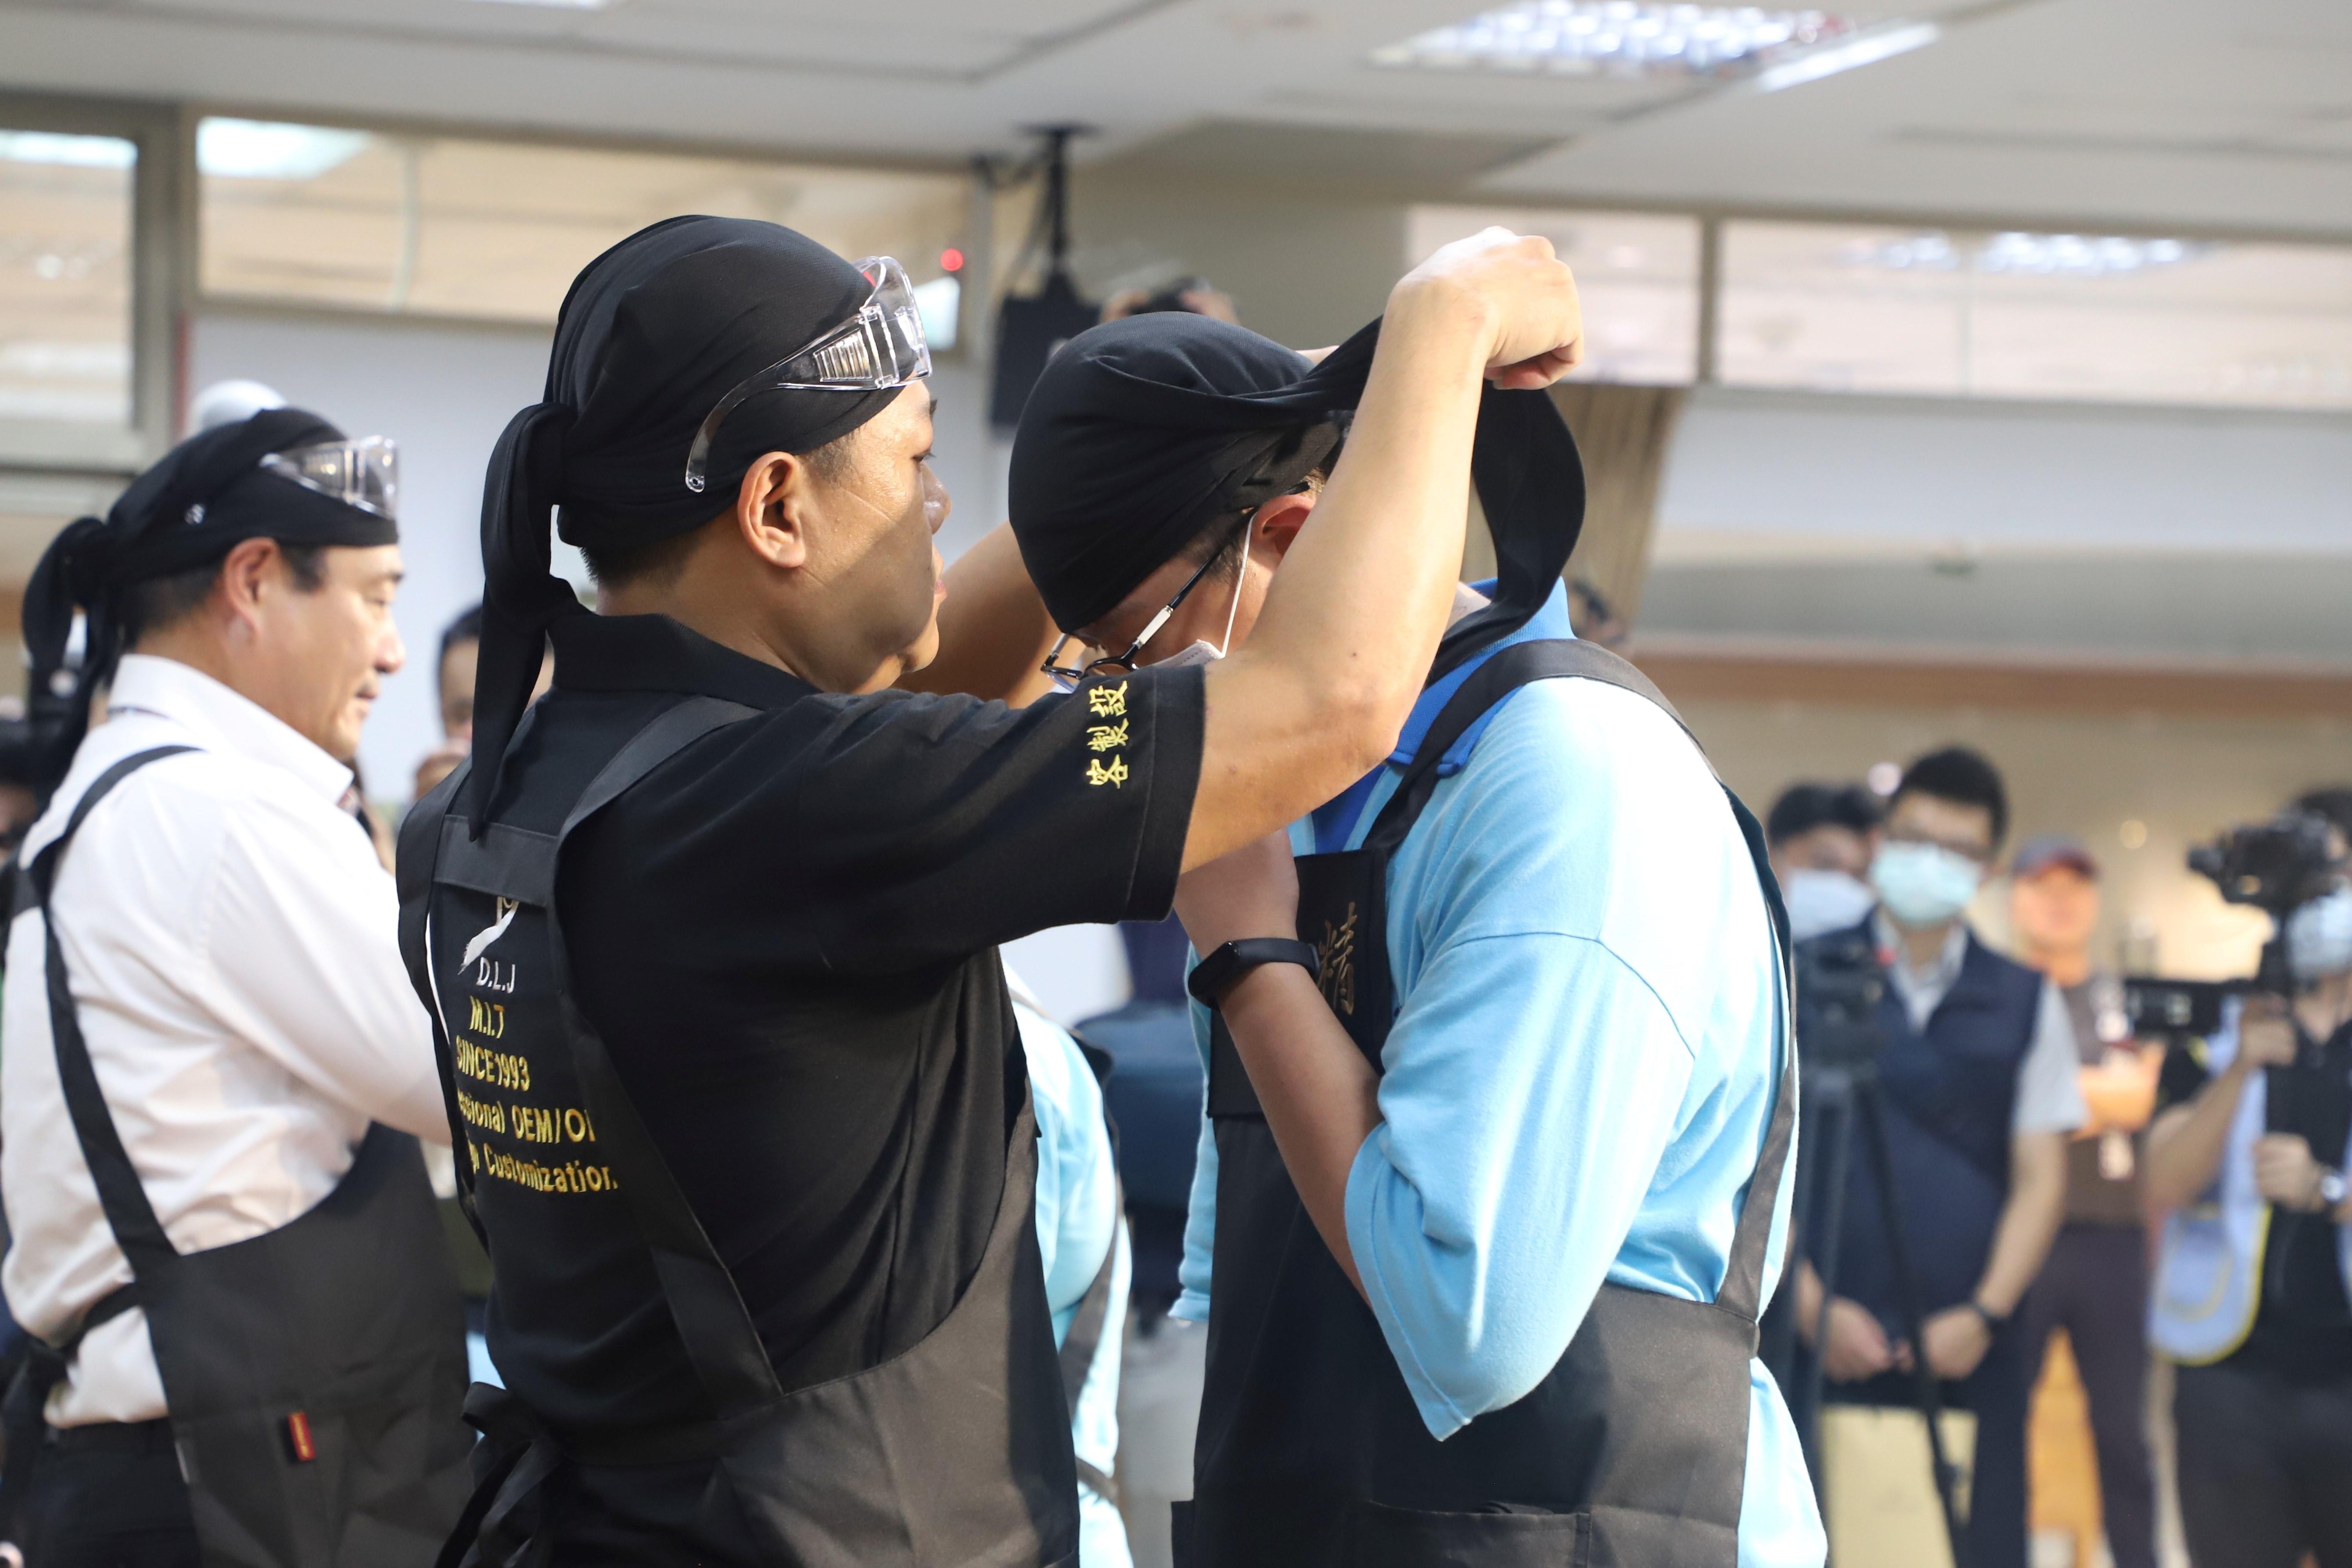 2.東龍珠鑽石集團廠長李正文擔任師傅代表,為學生戴上職人頭巾,表示薪火相傳